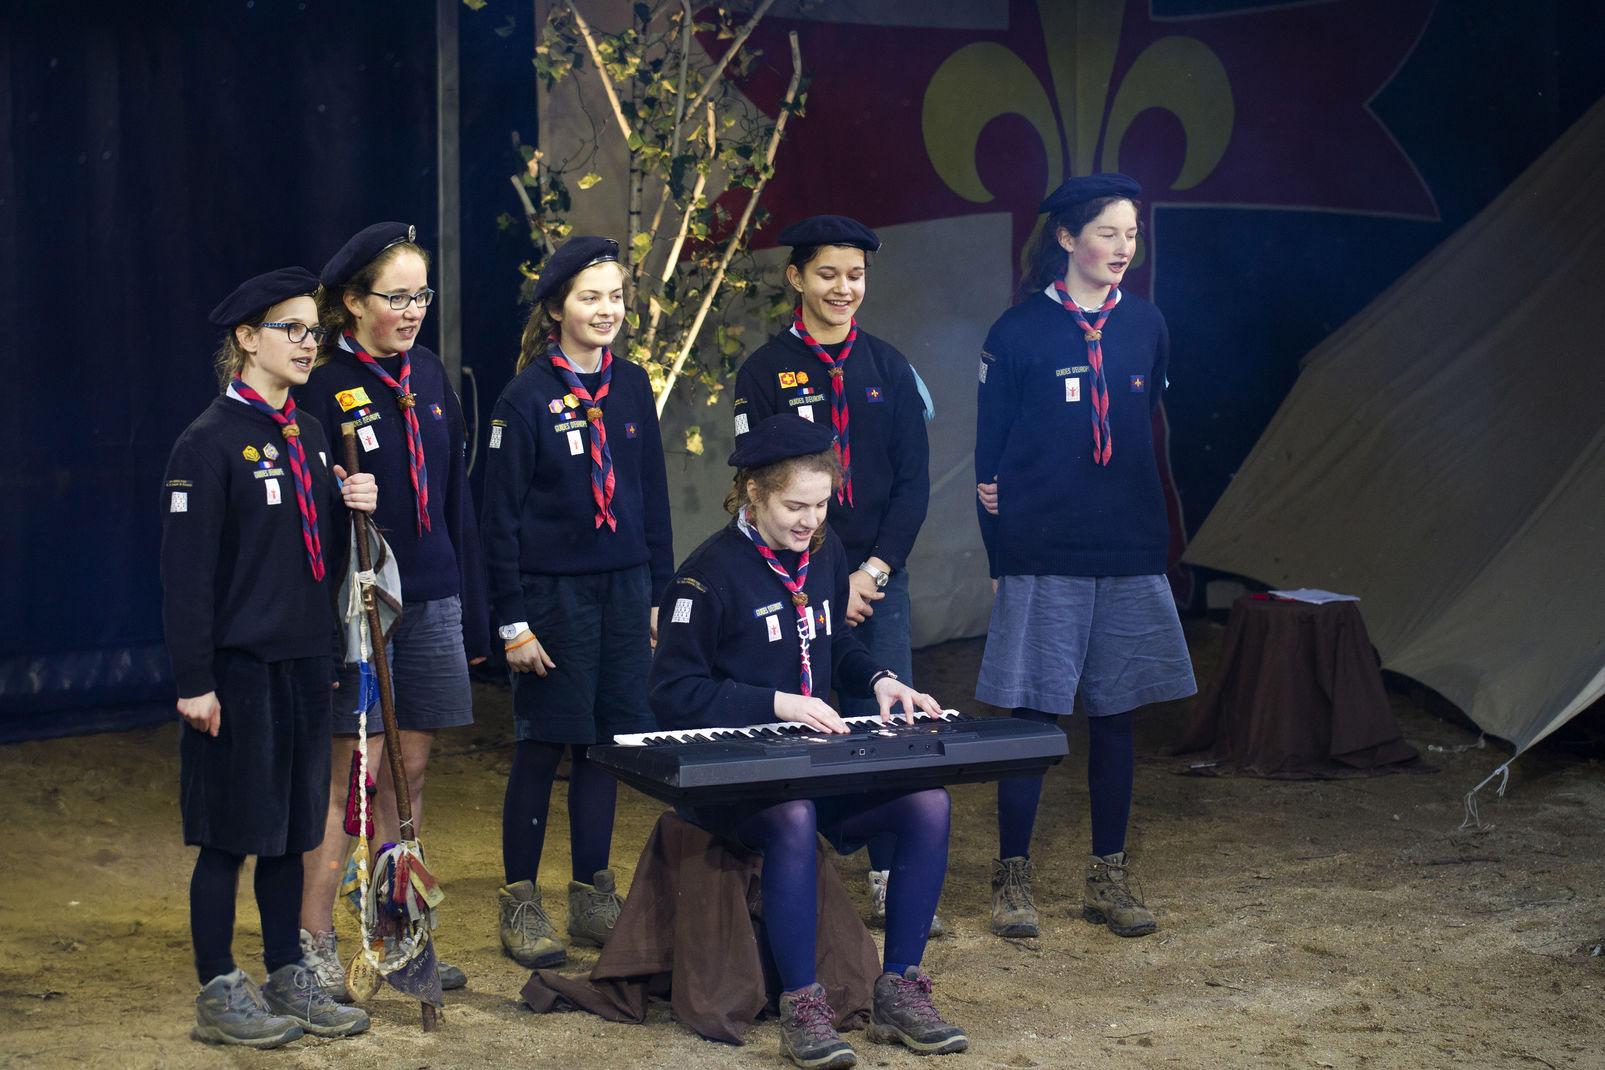 La patrouille des guides de la 4ème Rennes lors du concours chant des guides et scouts d'Europe